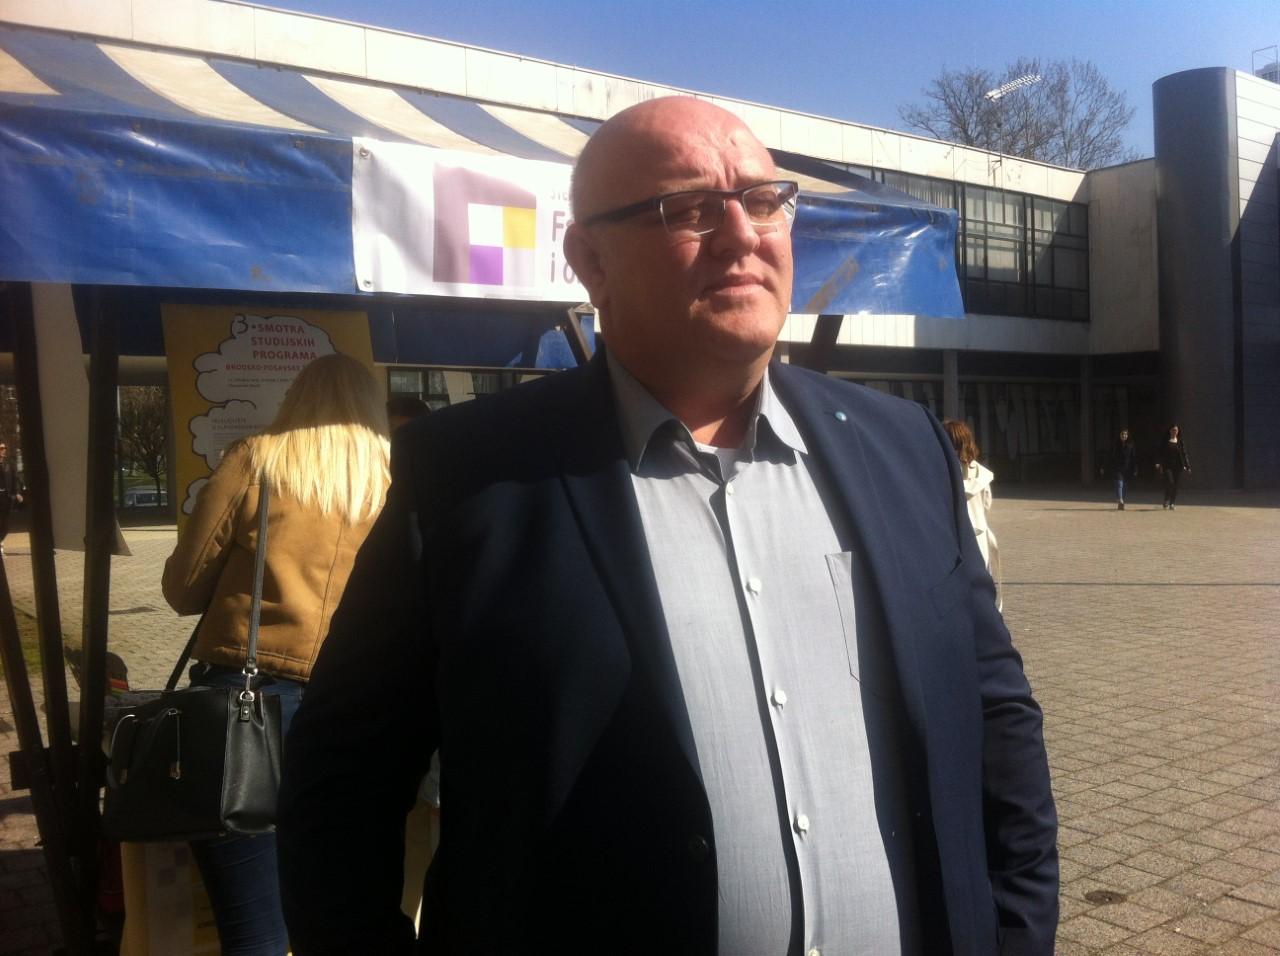 Učiteljica s lažnom diplomom radila je u Lužanima posljednje dvije godine, dekan Matanović kaže da je dva puta pokušala upisati Učiteljski fakultet ali nije uspjela